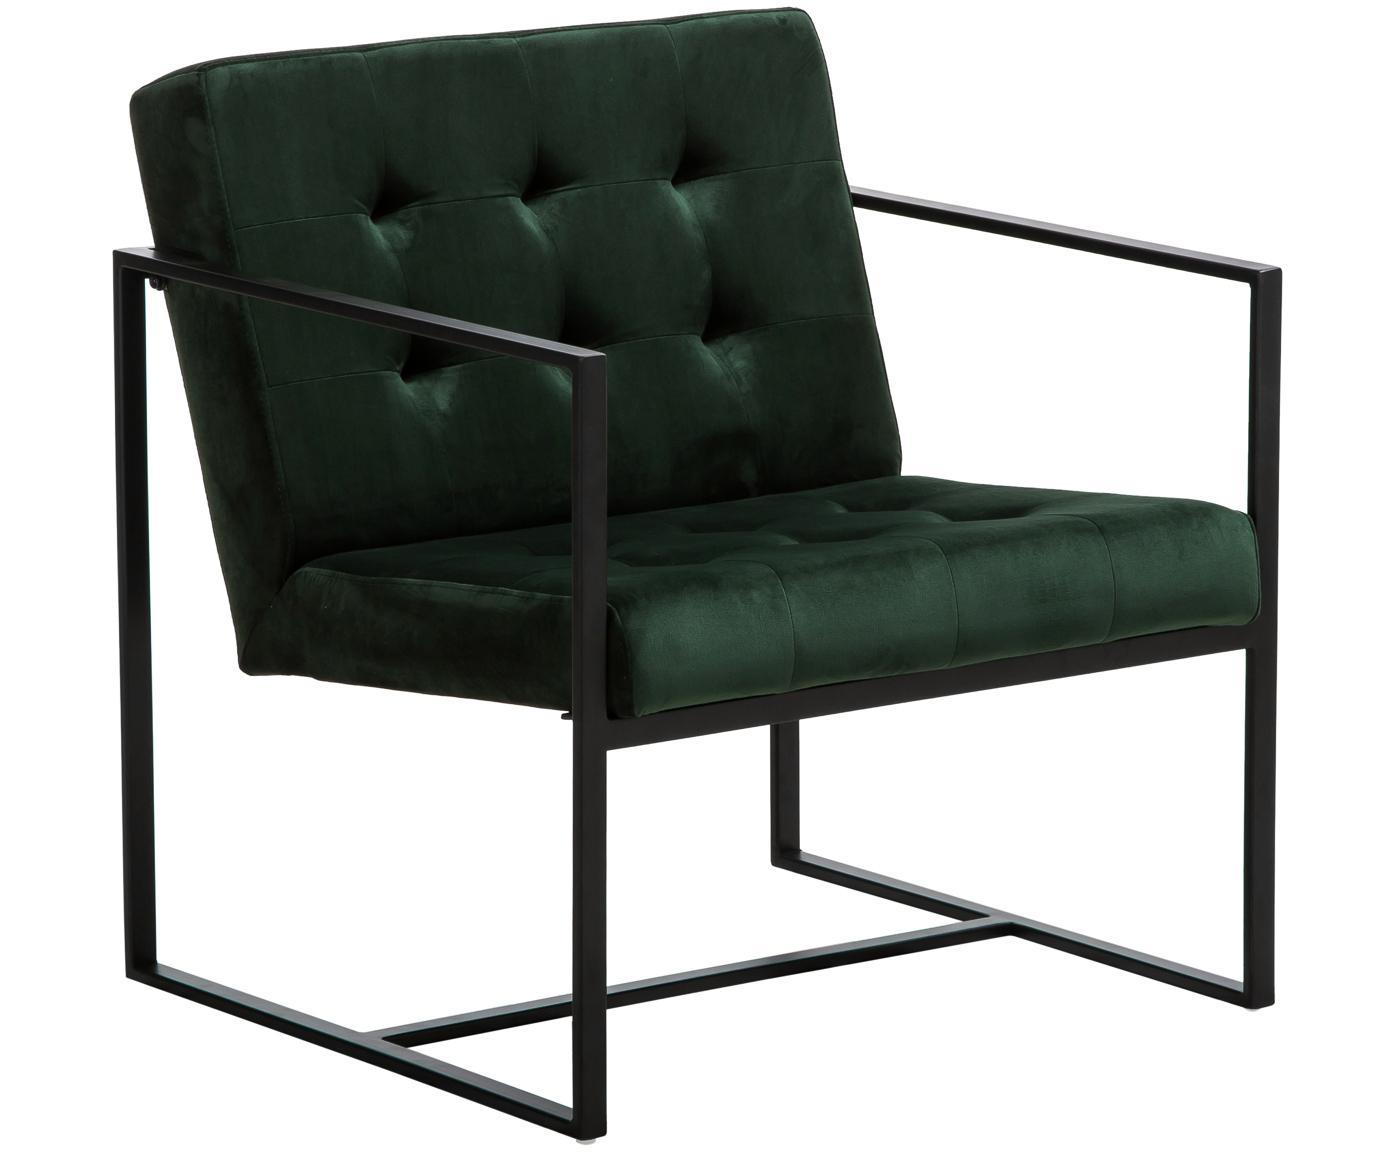 Fotel z aksamitu Manhattan, Tapicerka: aksamit (poliester) Tkani, Stelaż: metal malowany proszkowo, Ciemnyzielony, S 70 x G 72 cm